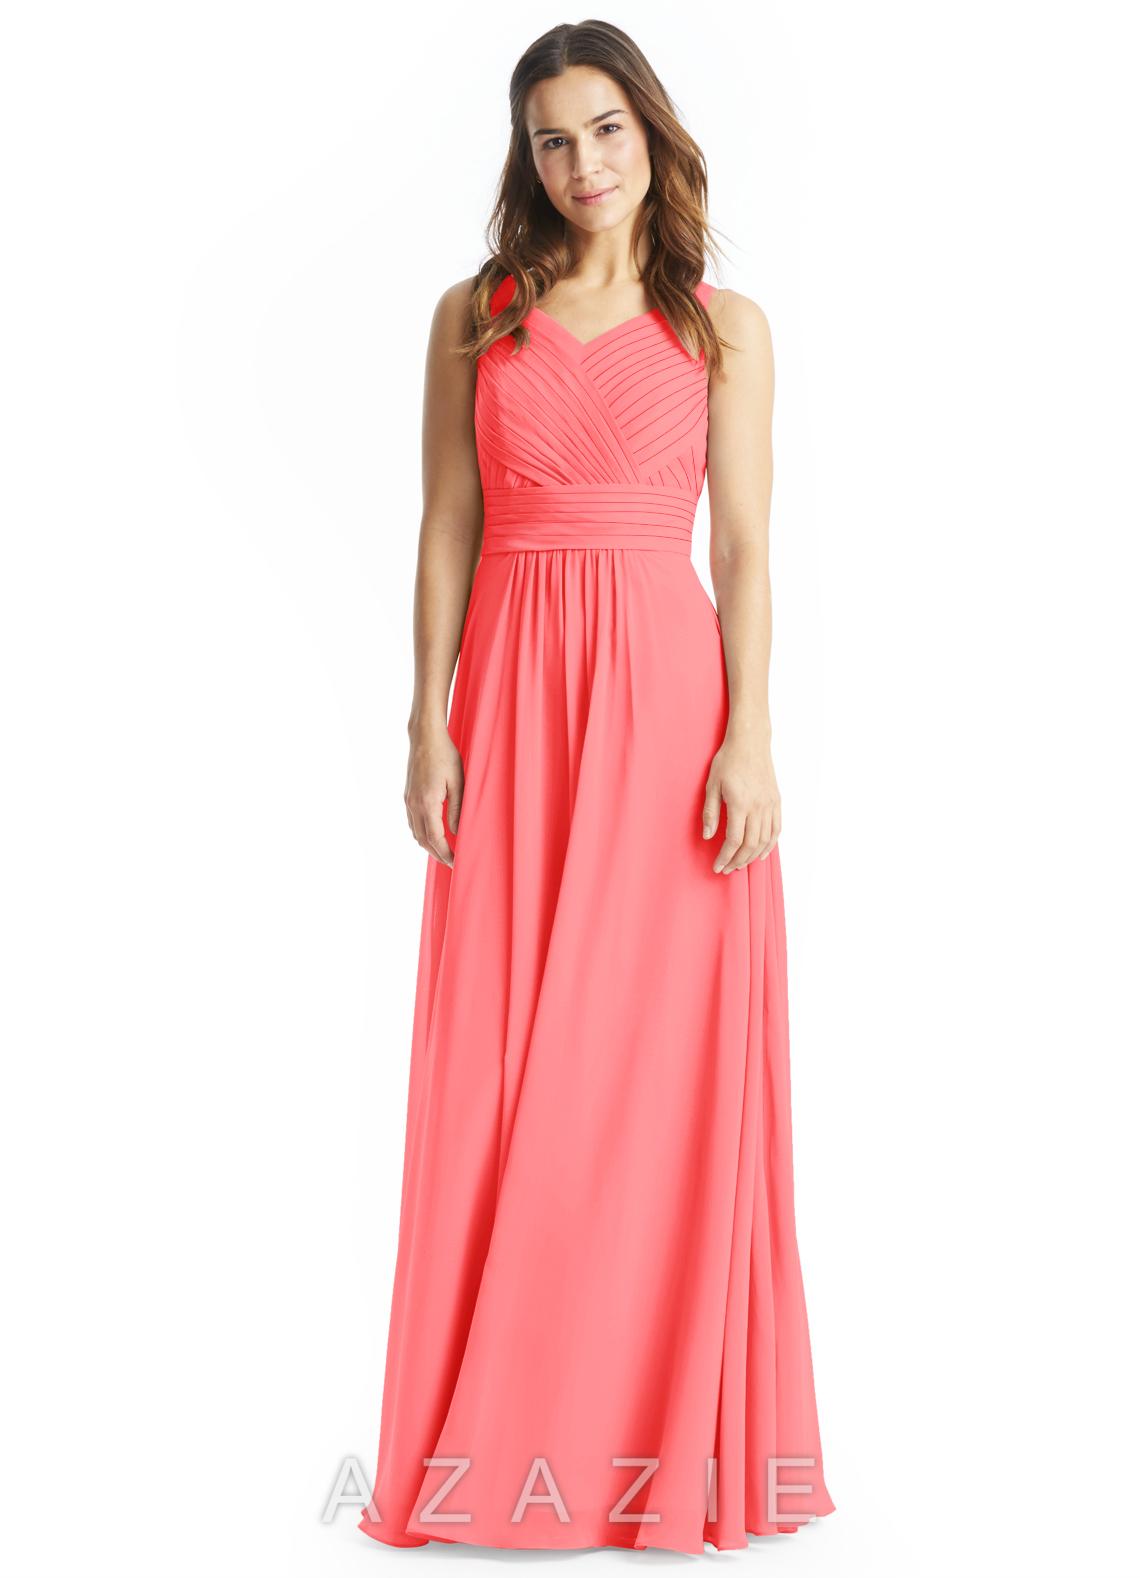 Azazie pierrette bridesmaid dress azazie color watermelon ombrellifo Image collections